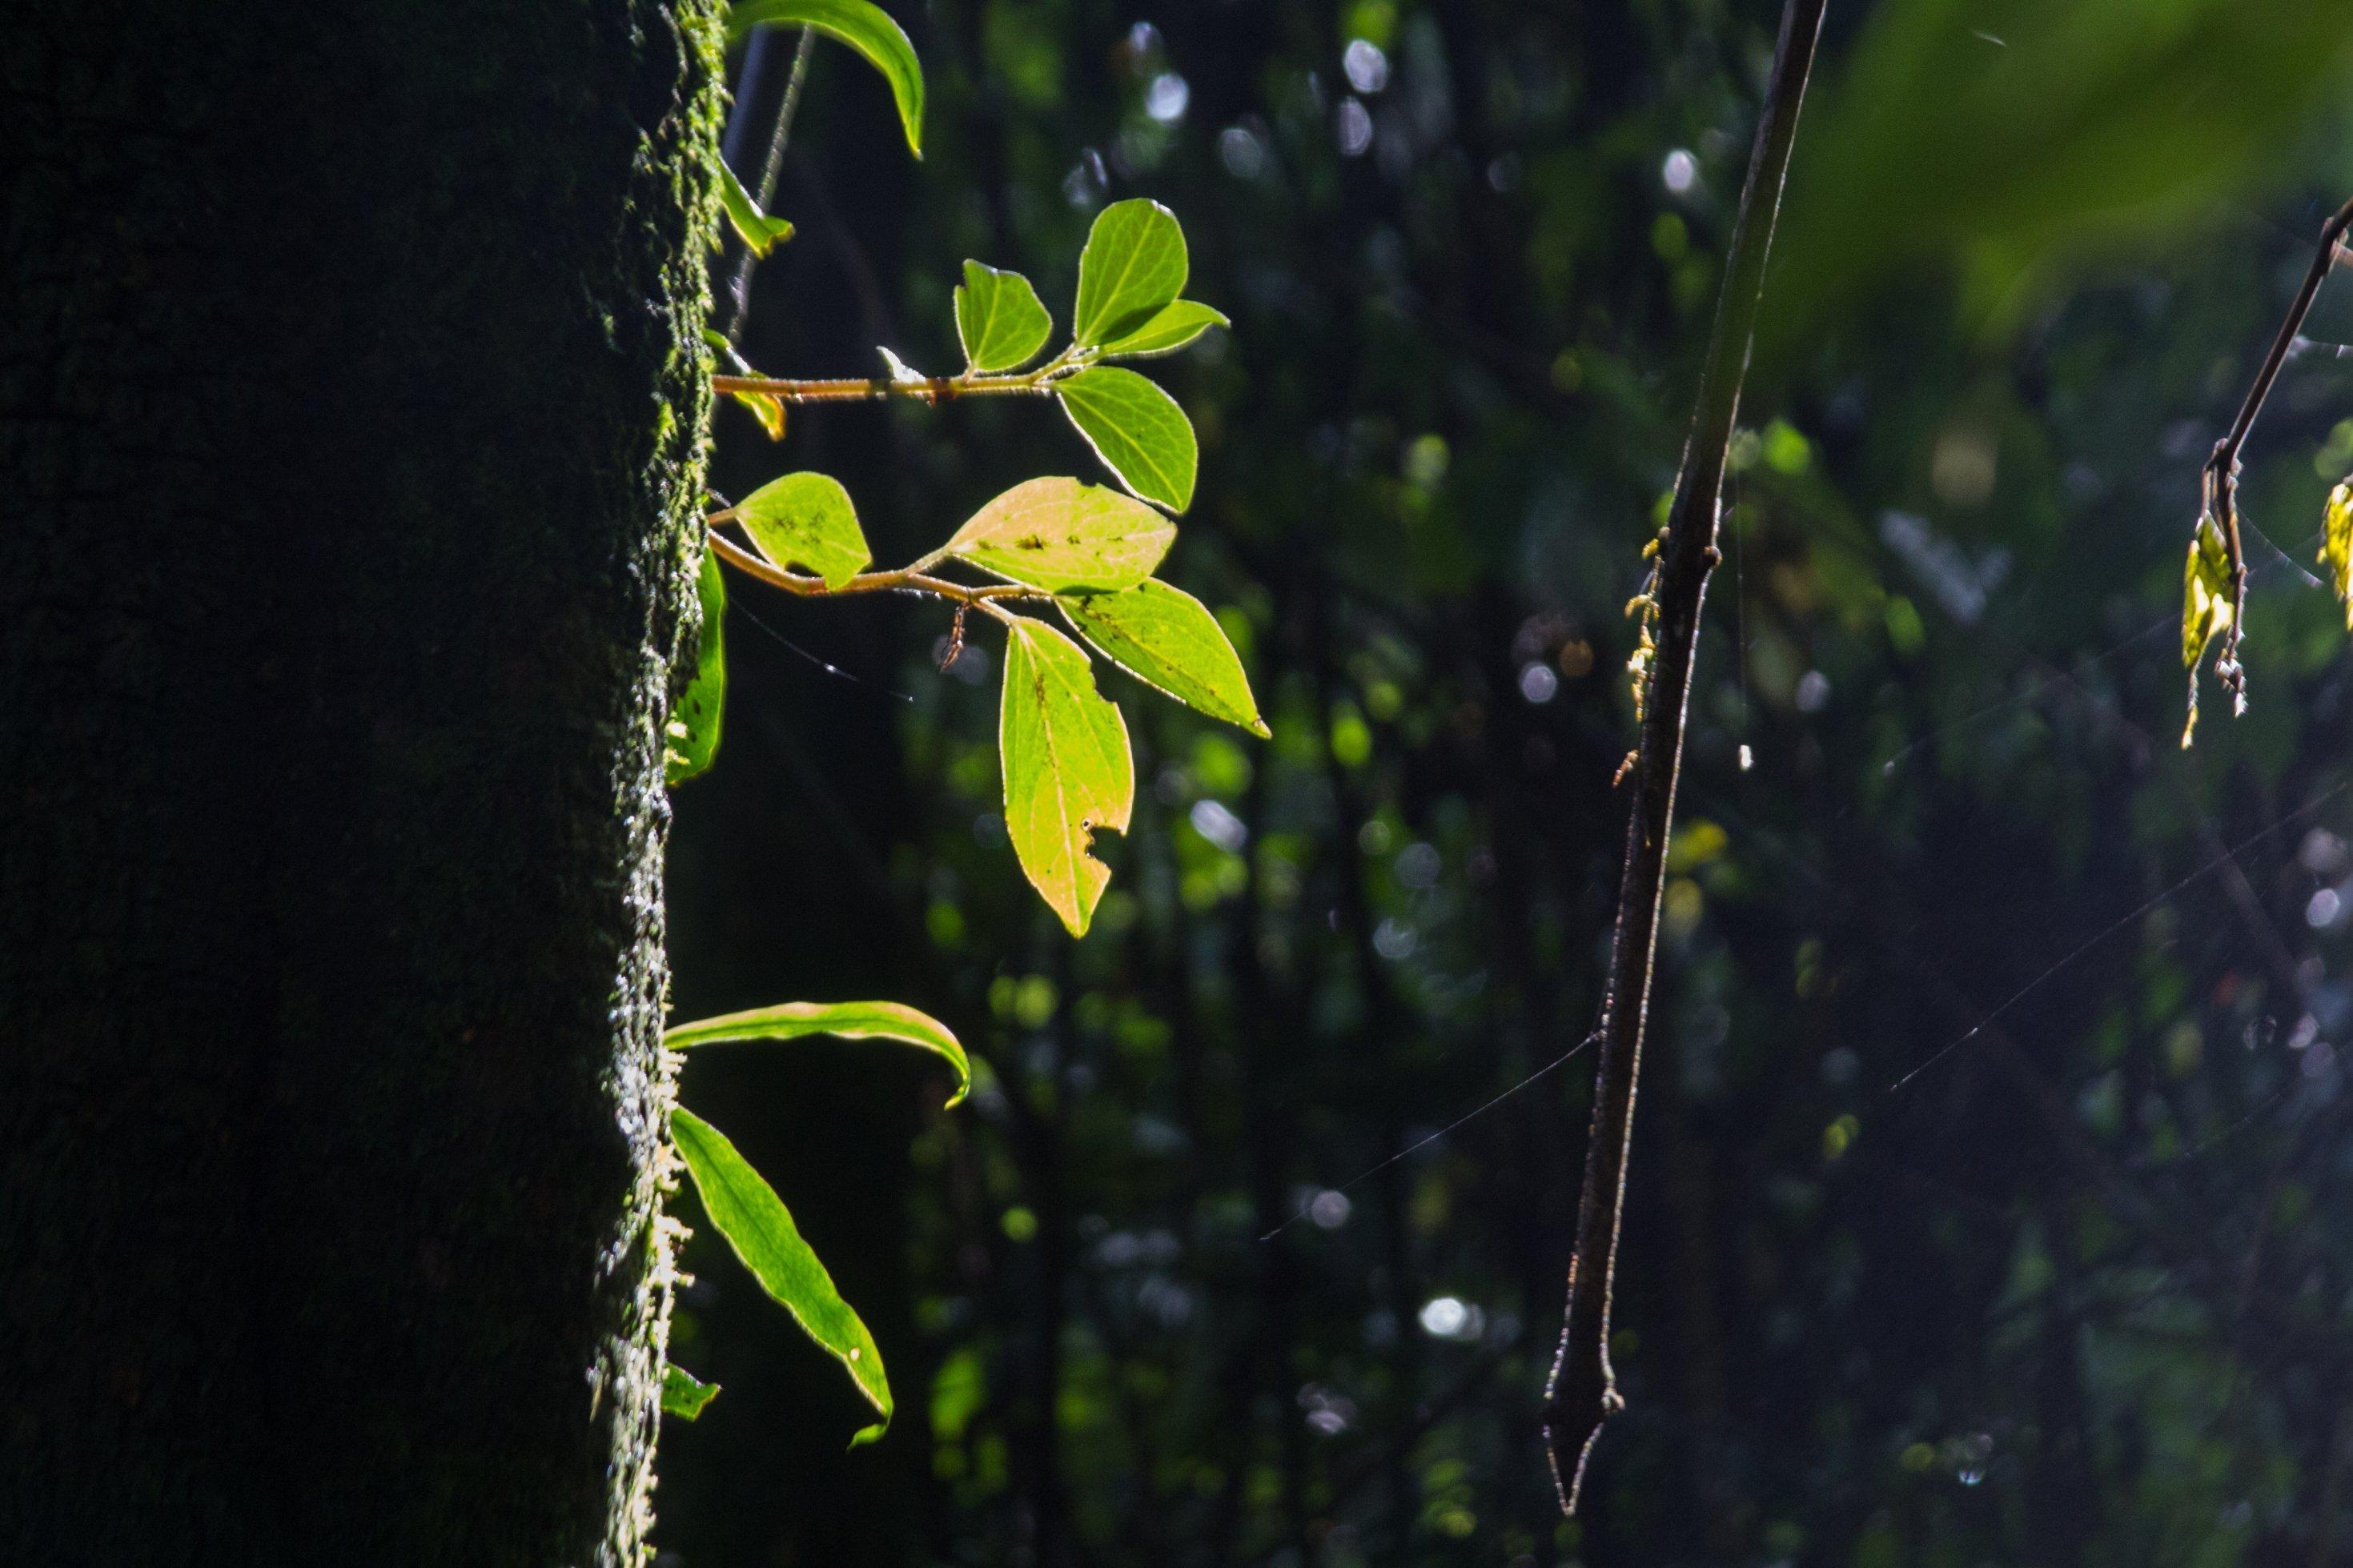 An einem bemoosten Baumstamm schlägt ein Trieb aus, er steht im vollen Sonnenlicht.